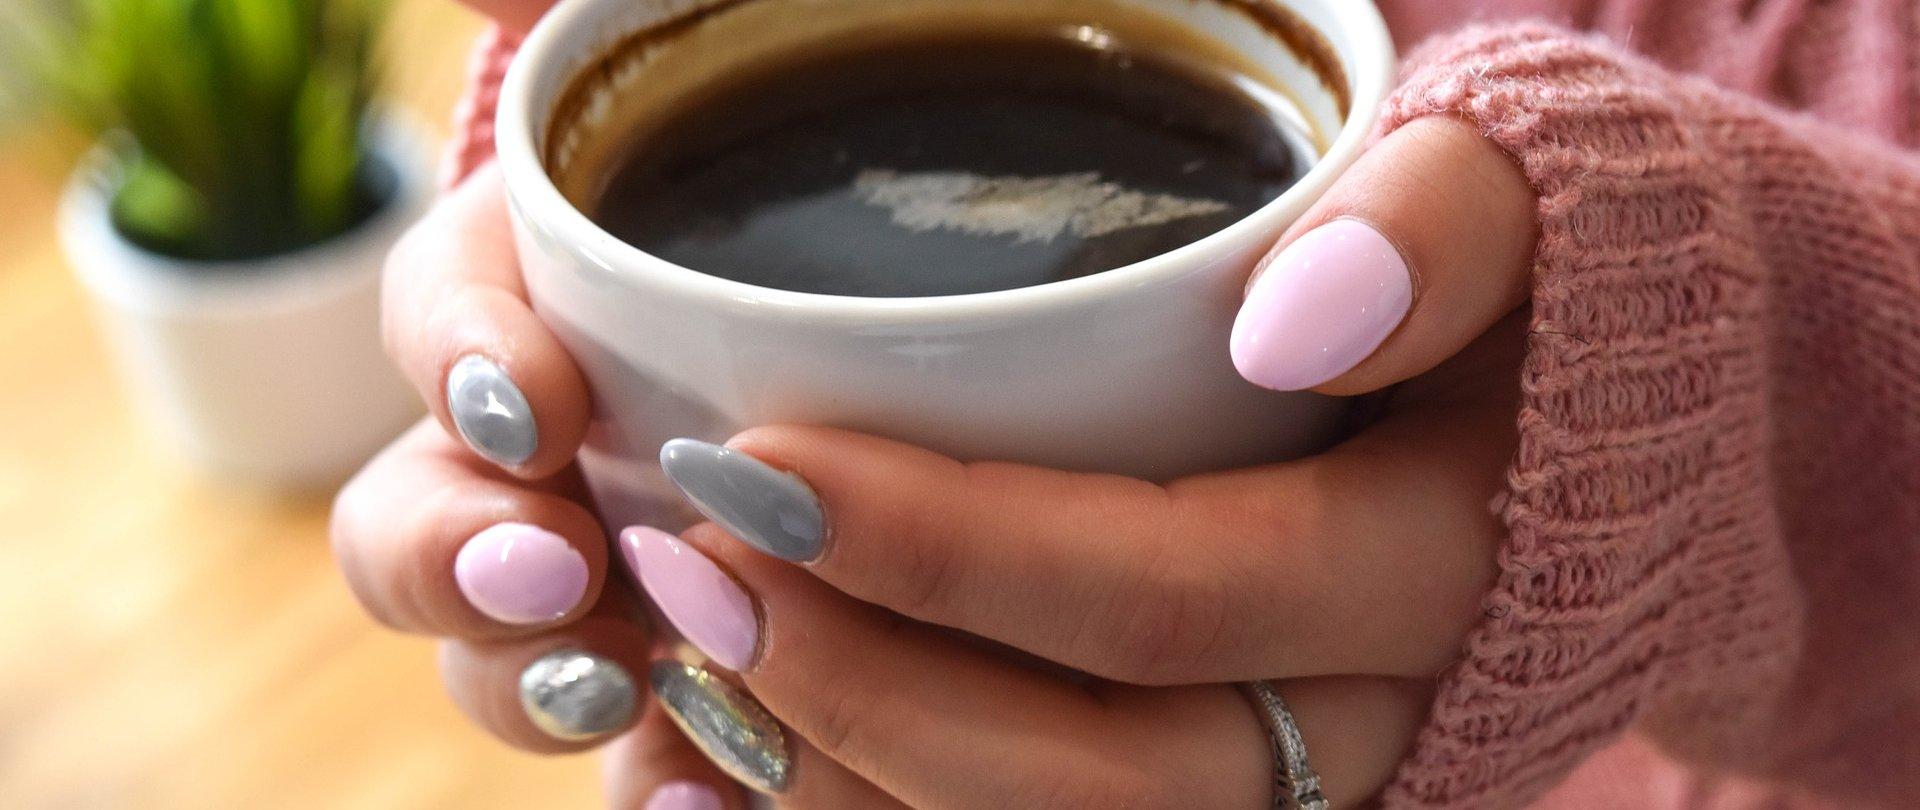 Domowe SPA dla dłoni. Poznaj 3 sprawdzone metody pielęgnacji